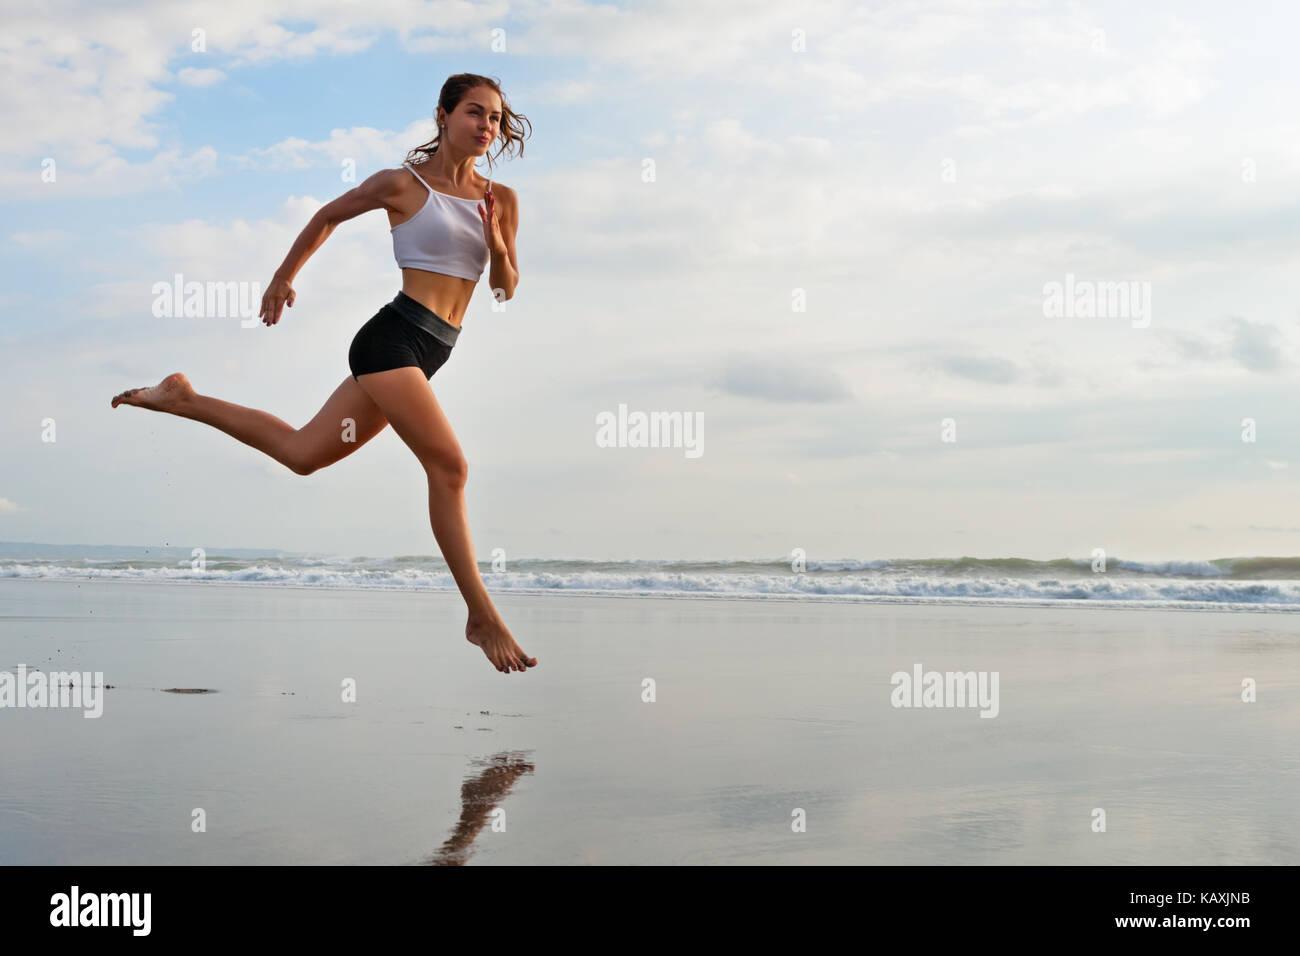 Barefoot deportivo chica con cuerpo delgado que corre a lo largo de navegar por la piscina de agua de mar para mantenerse Imagen De Stock